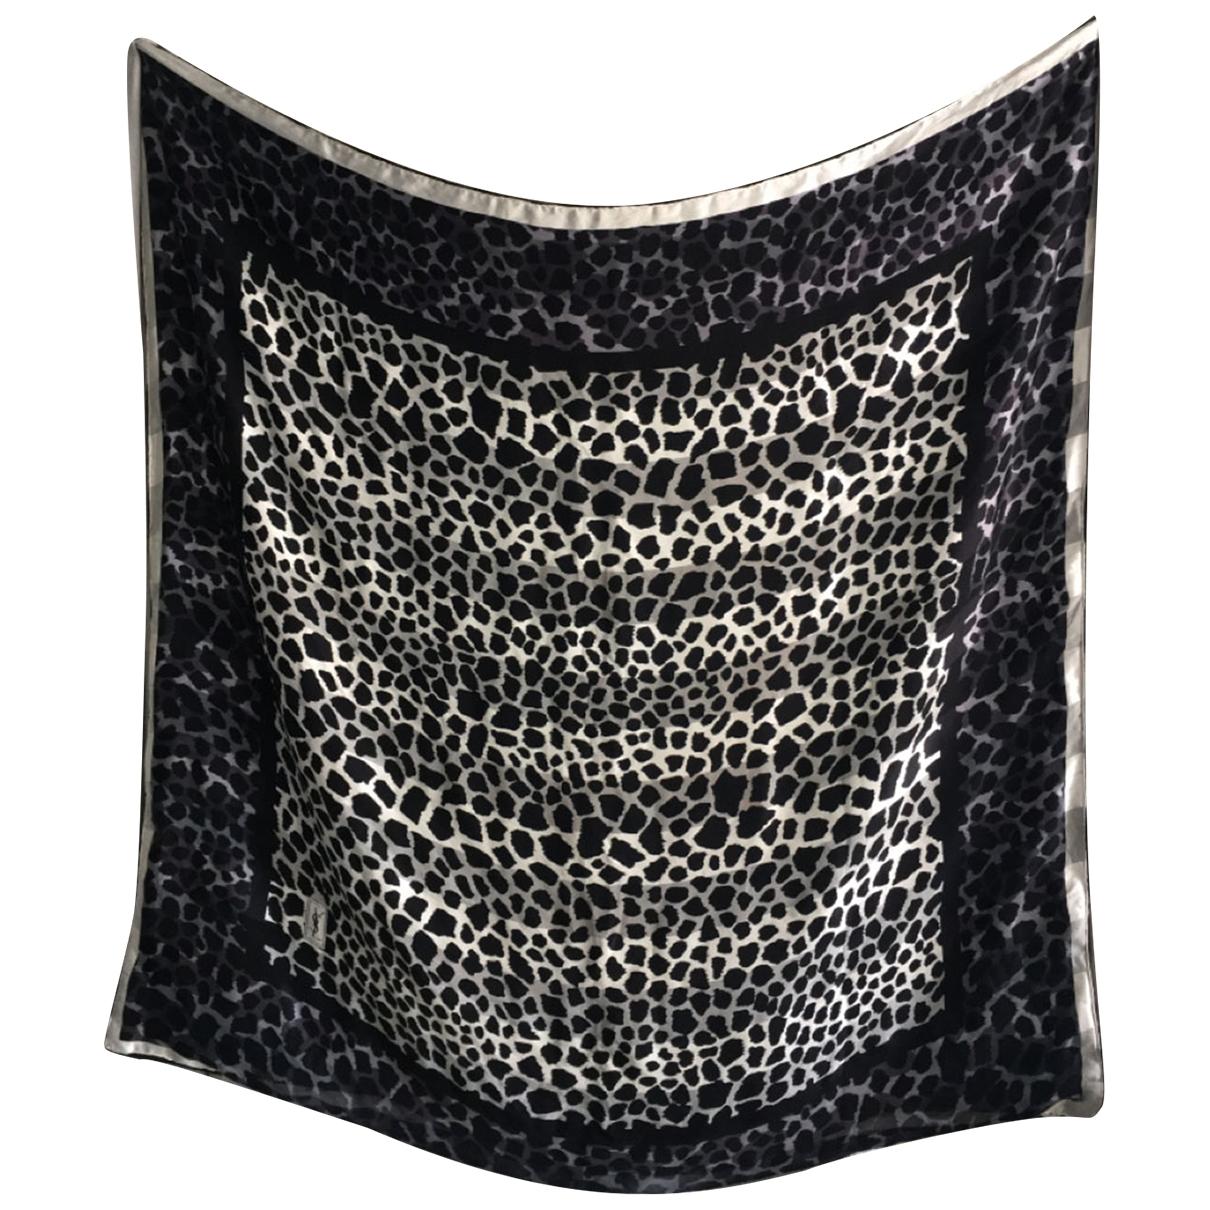 Yves Saint Laurent - Linge de maison   pour lifestyle en soie - noir